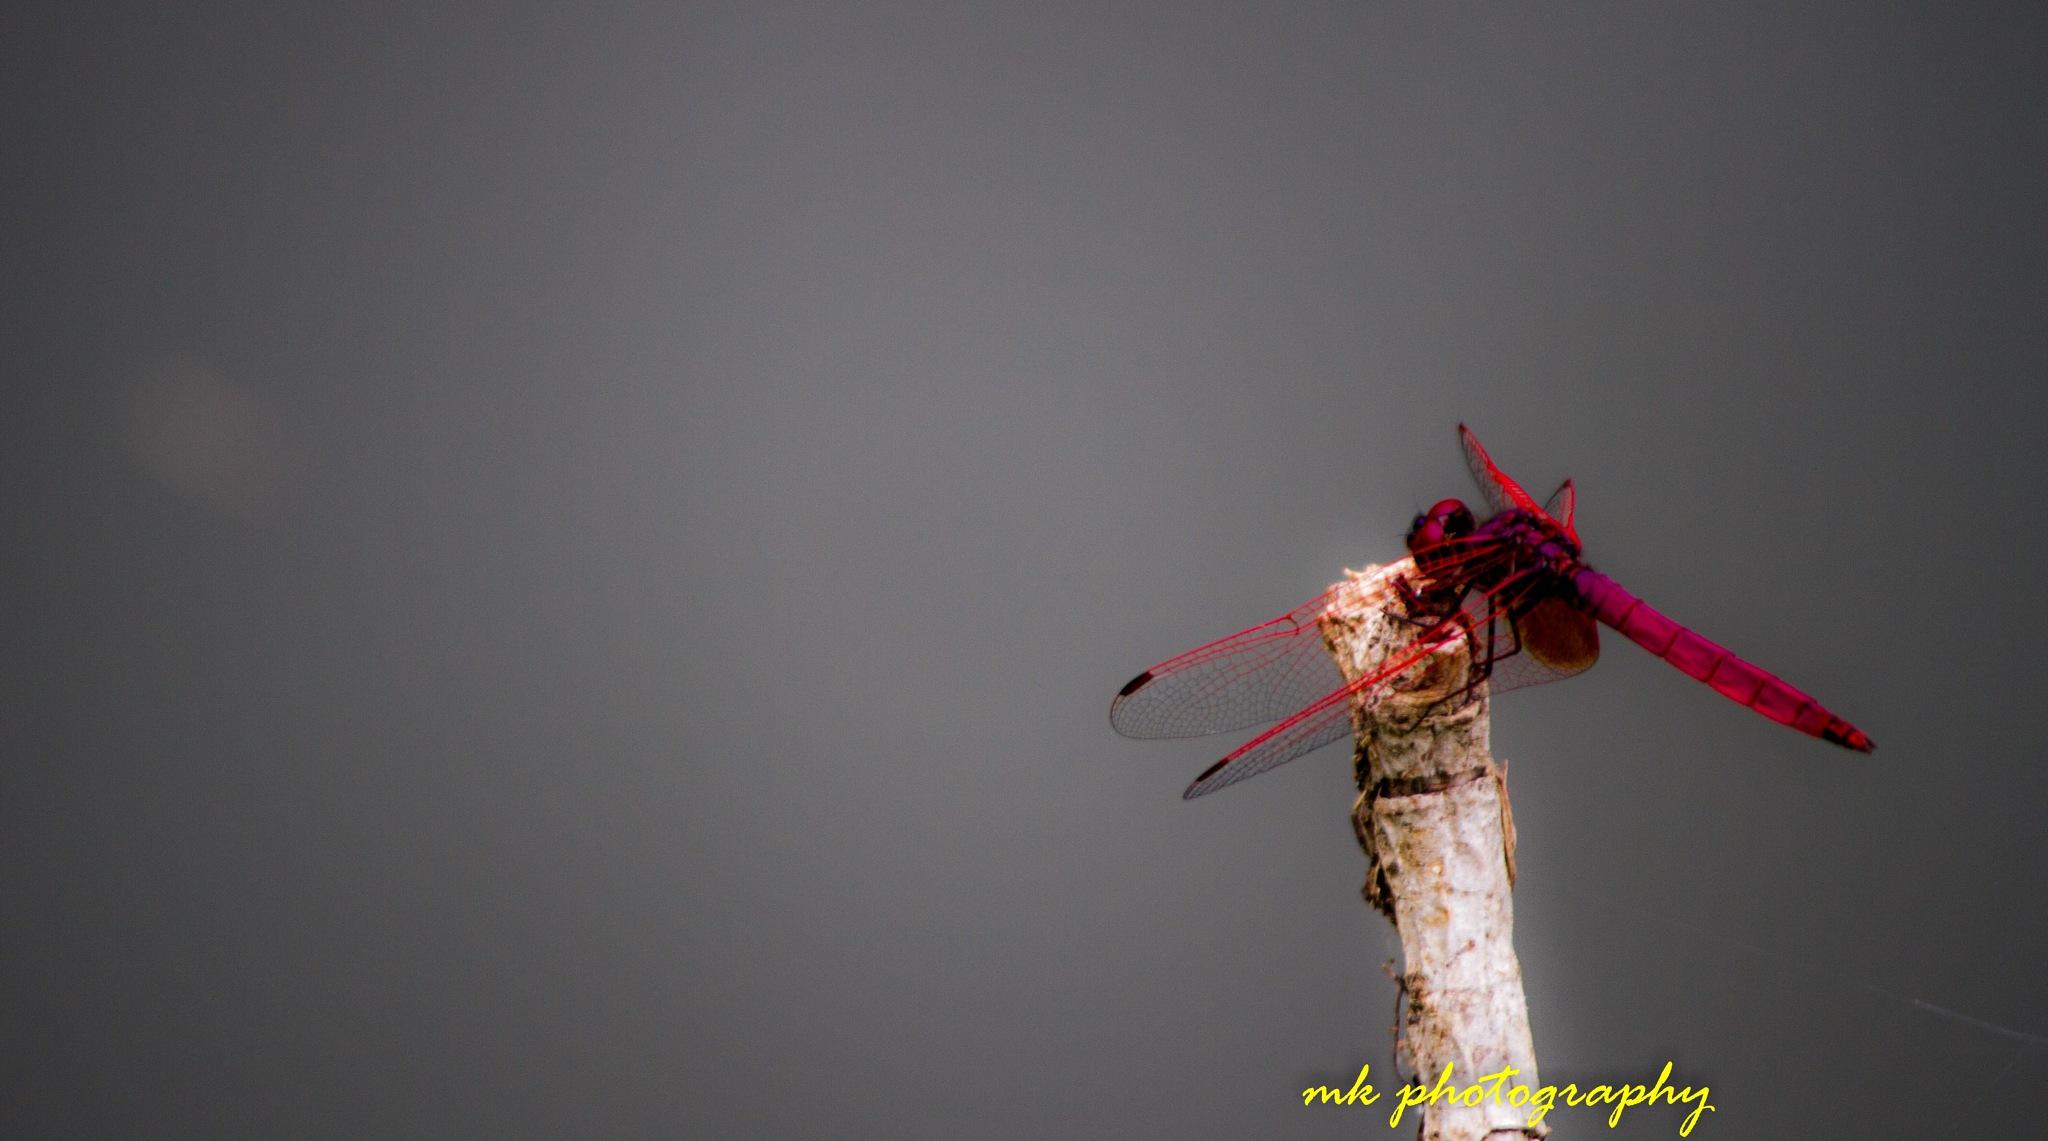 Pink dragonfly by vmk1984